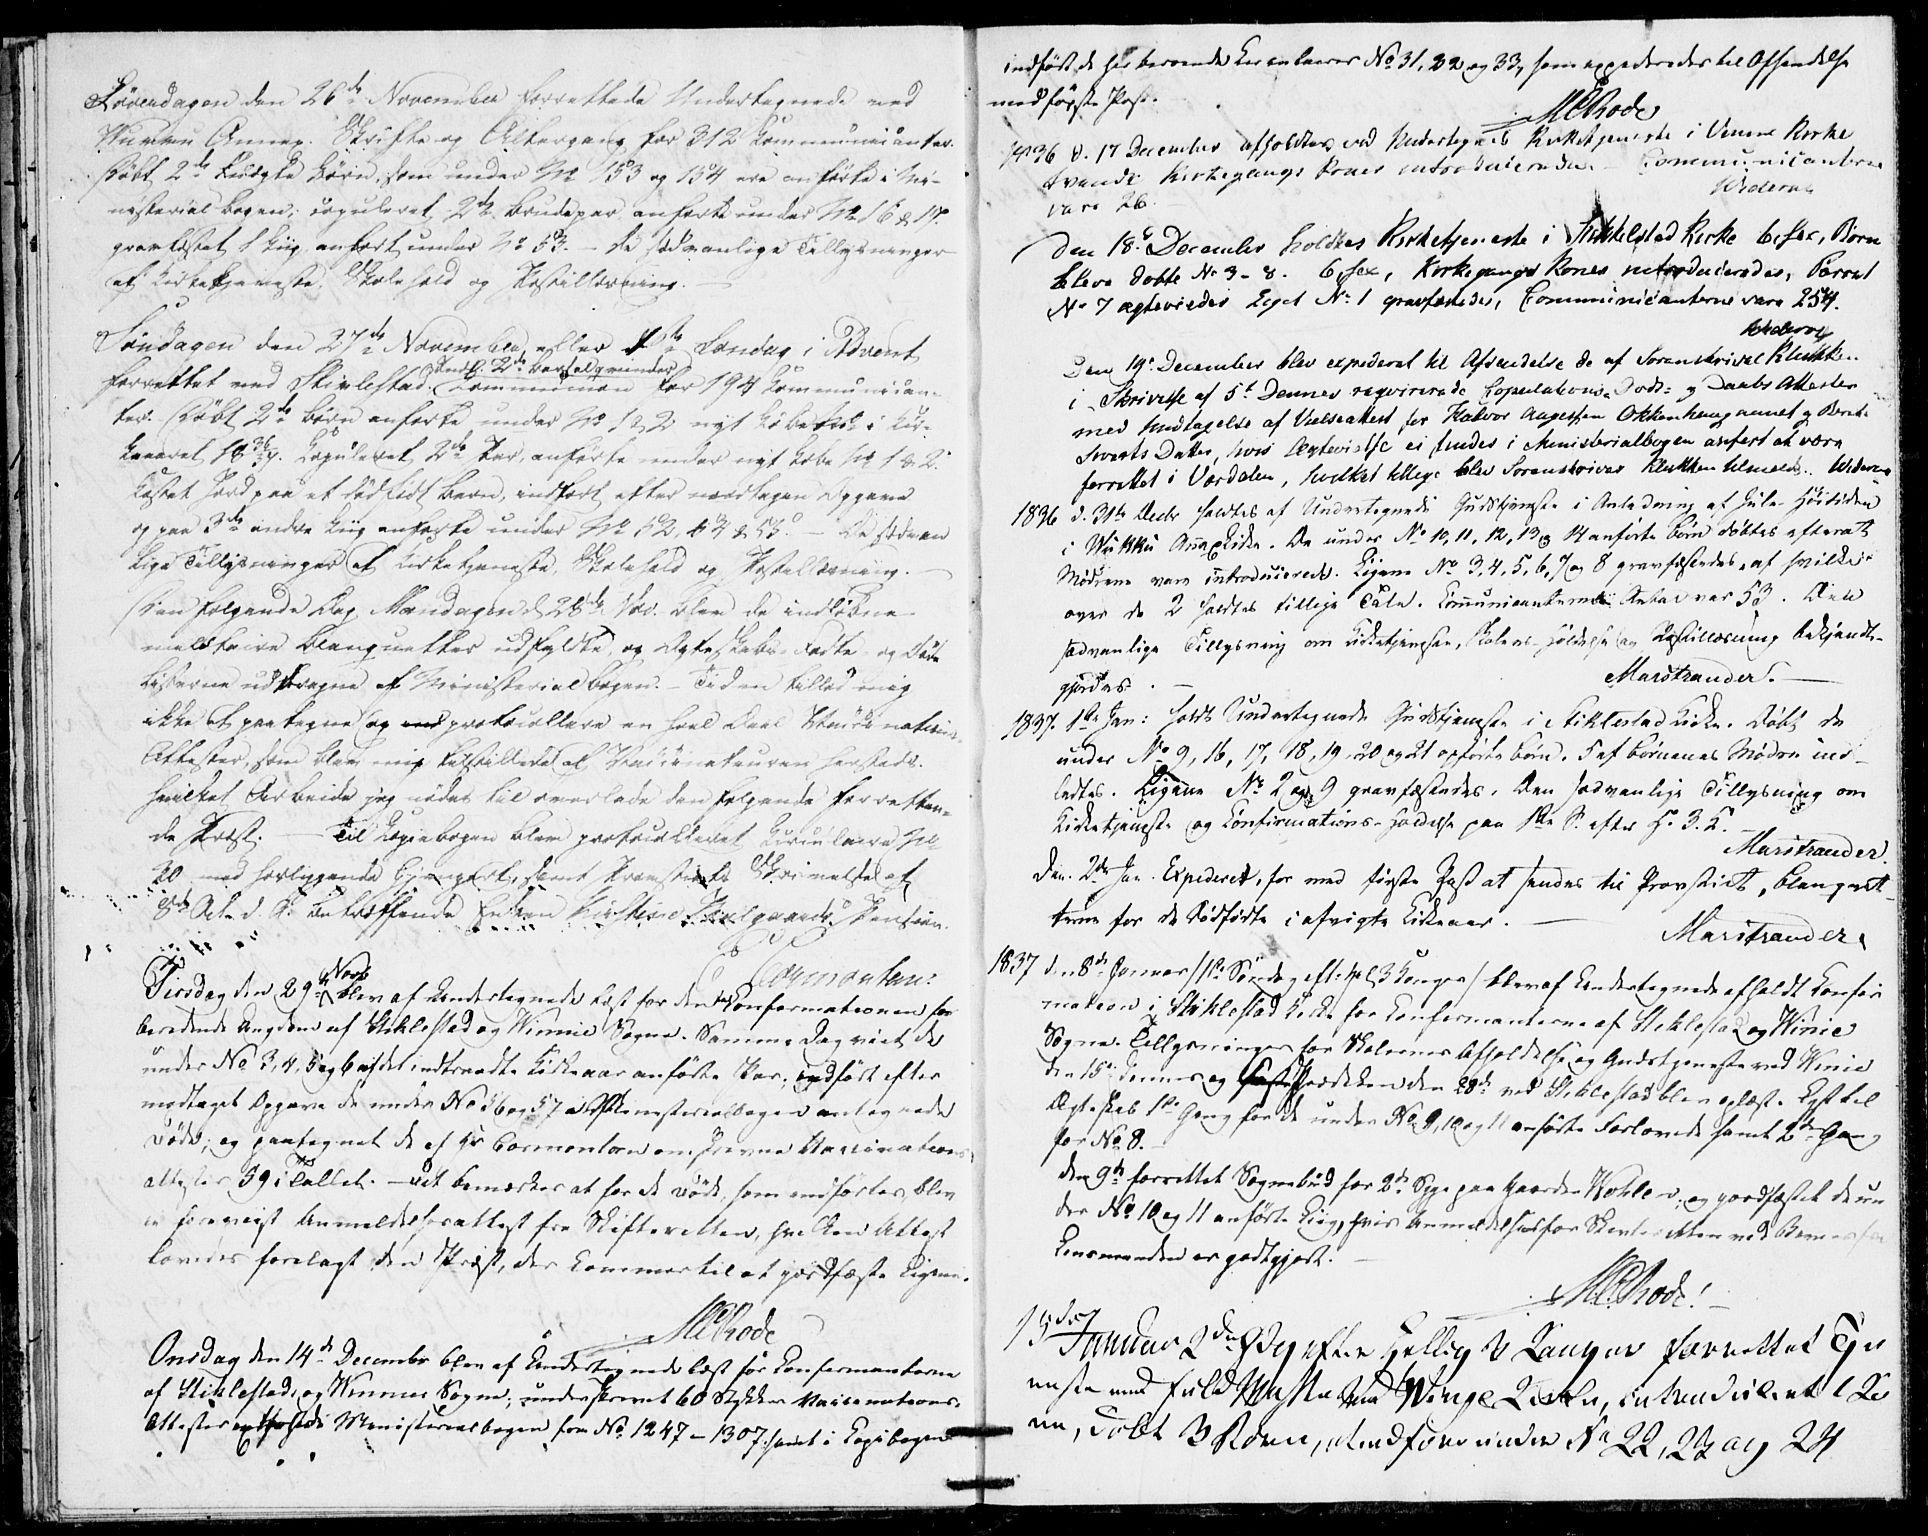 SAT, Ministerialprotokoller, klokkerbøker og fødselsregistre - Nord-Trøndelag, 723/L0245: Ministerialbok nr. 723A14, 1835-1841